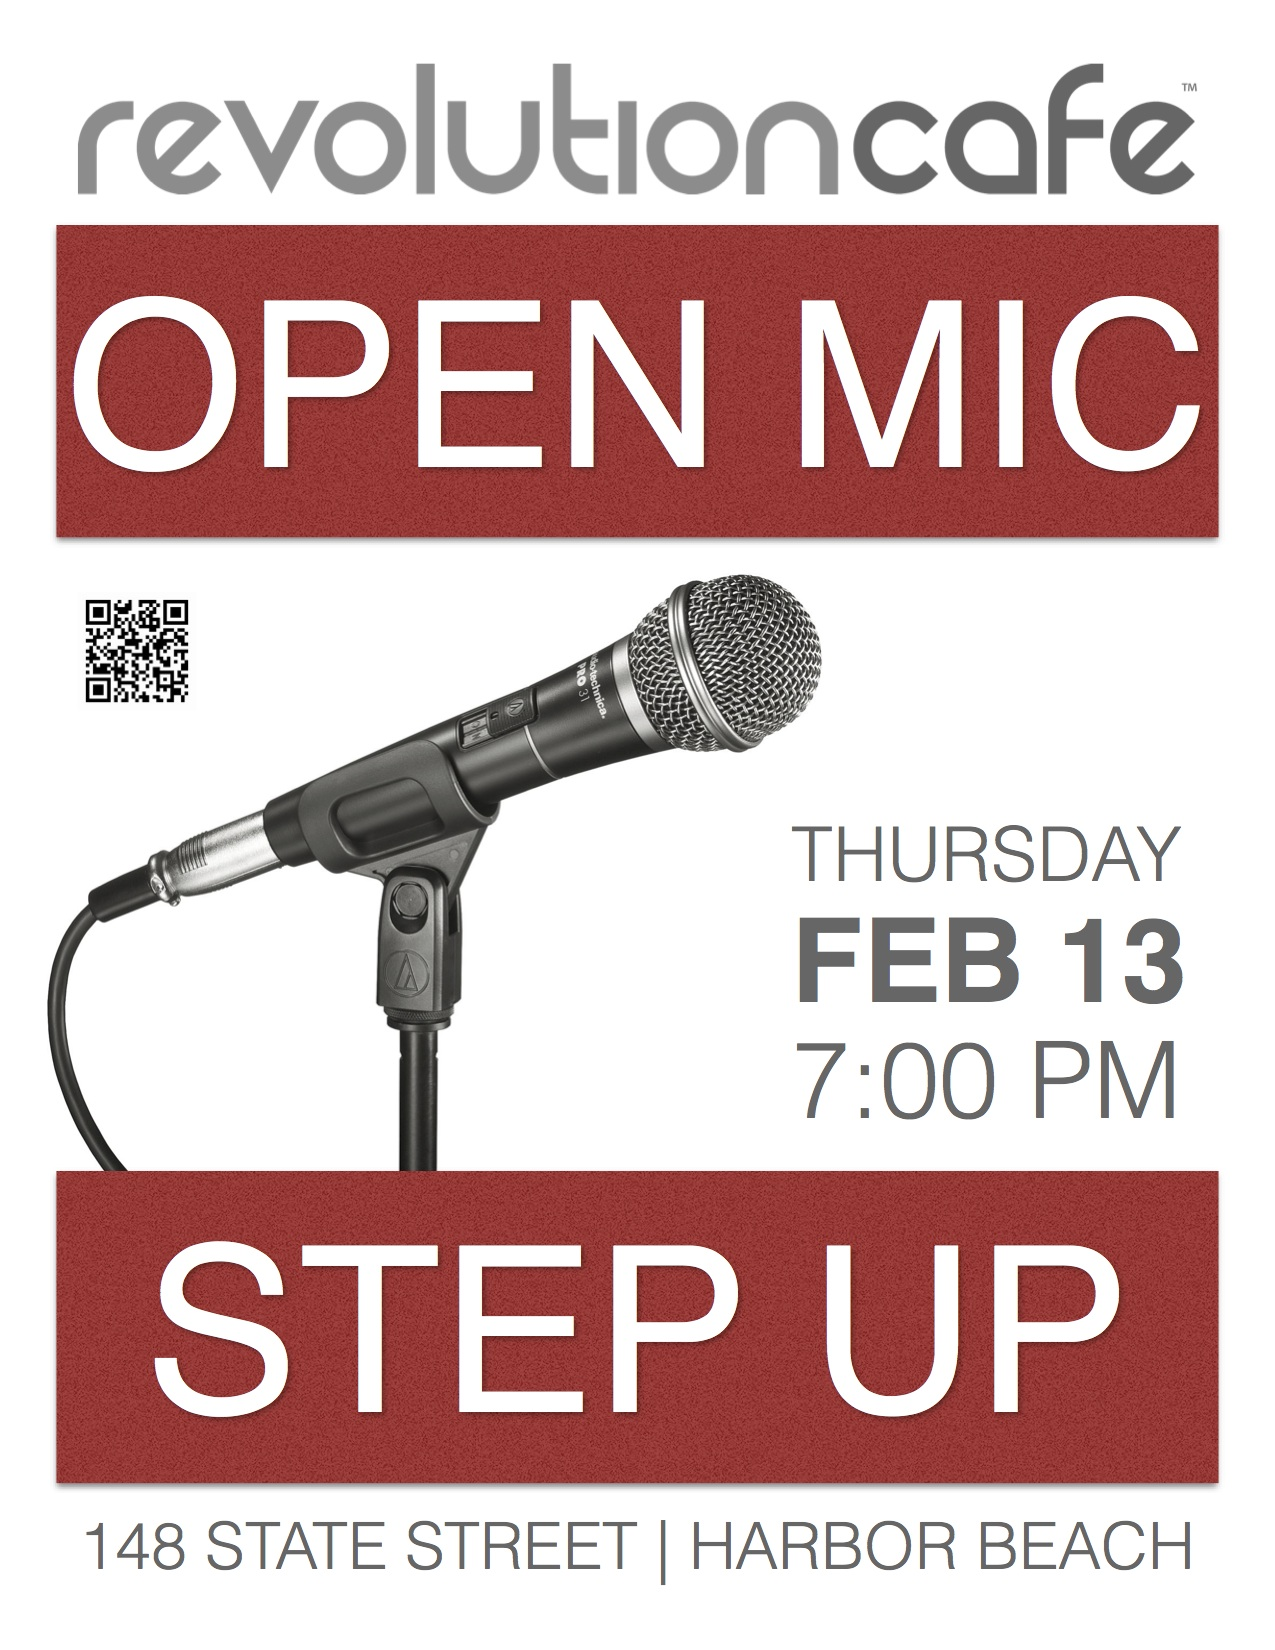 OPEN MIC #3 Poster.jpg